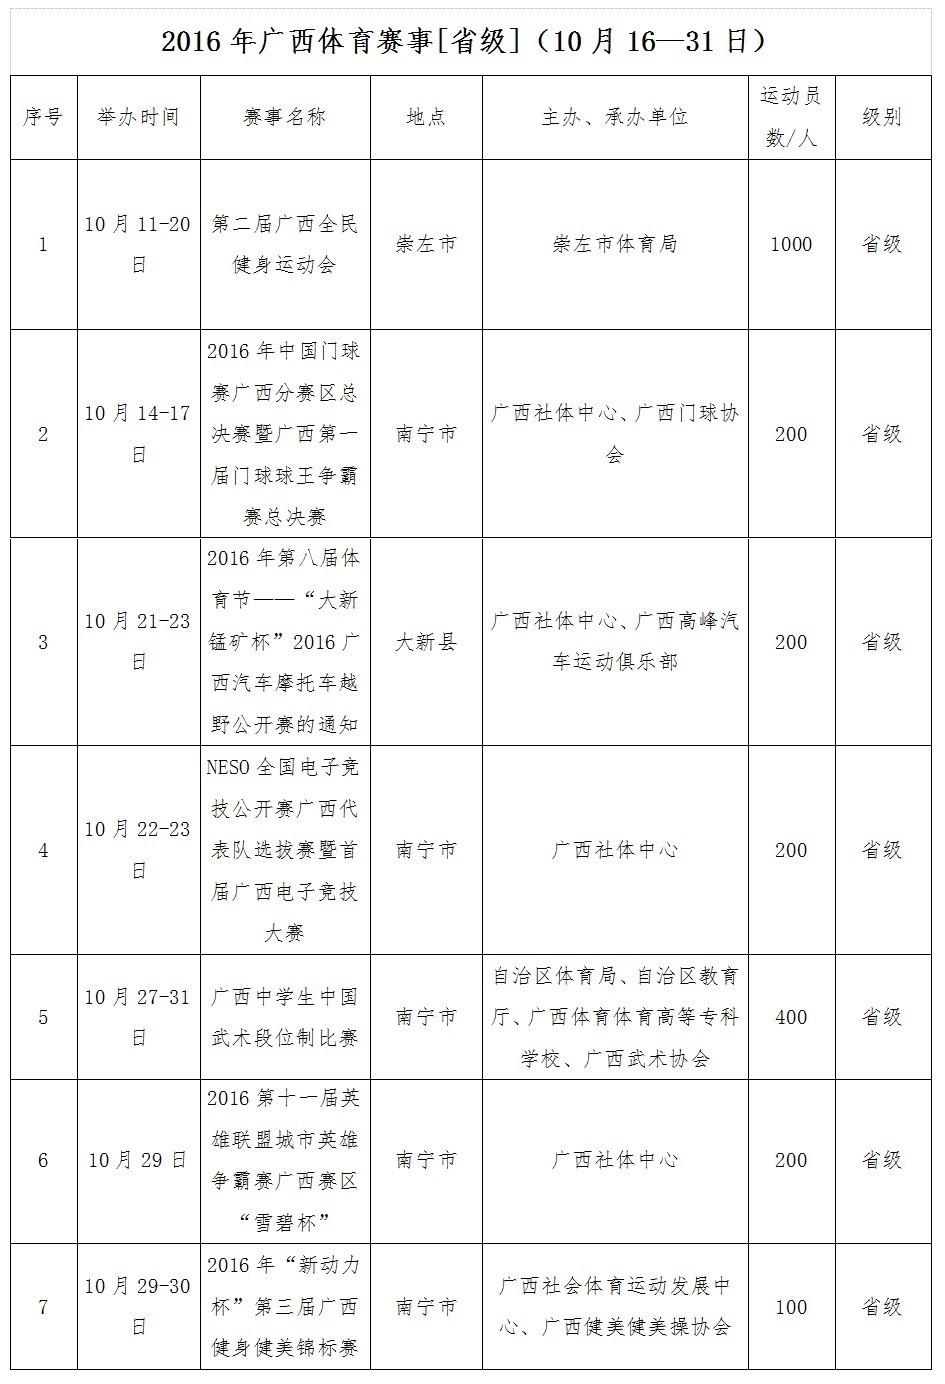 广西将举办的(省级体育赛事)计划表(2016年10月16—31日)